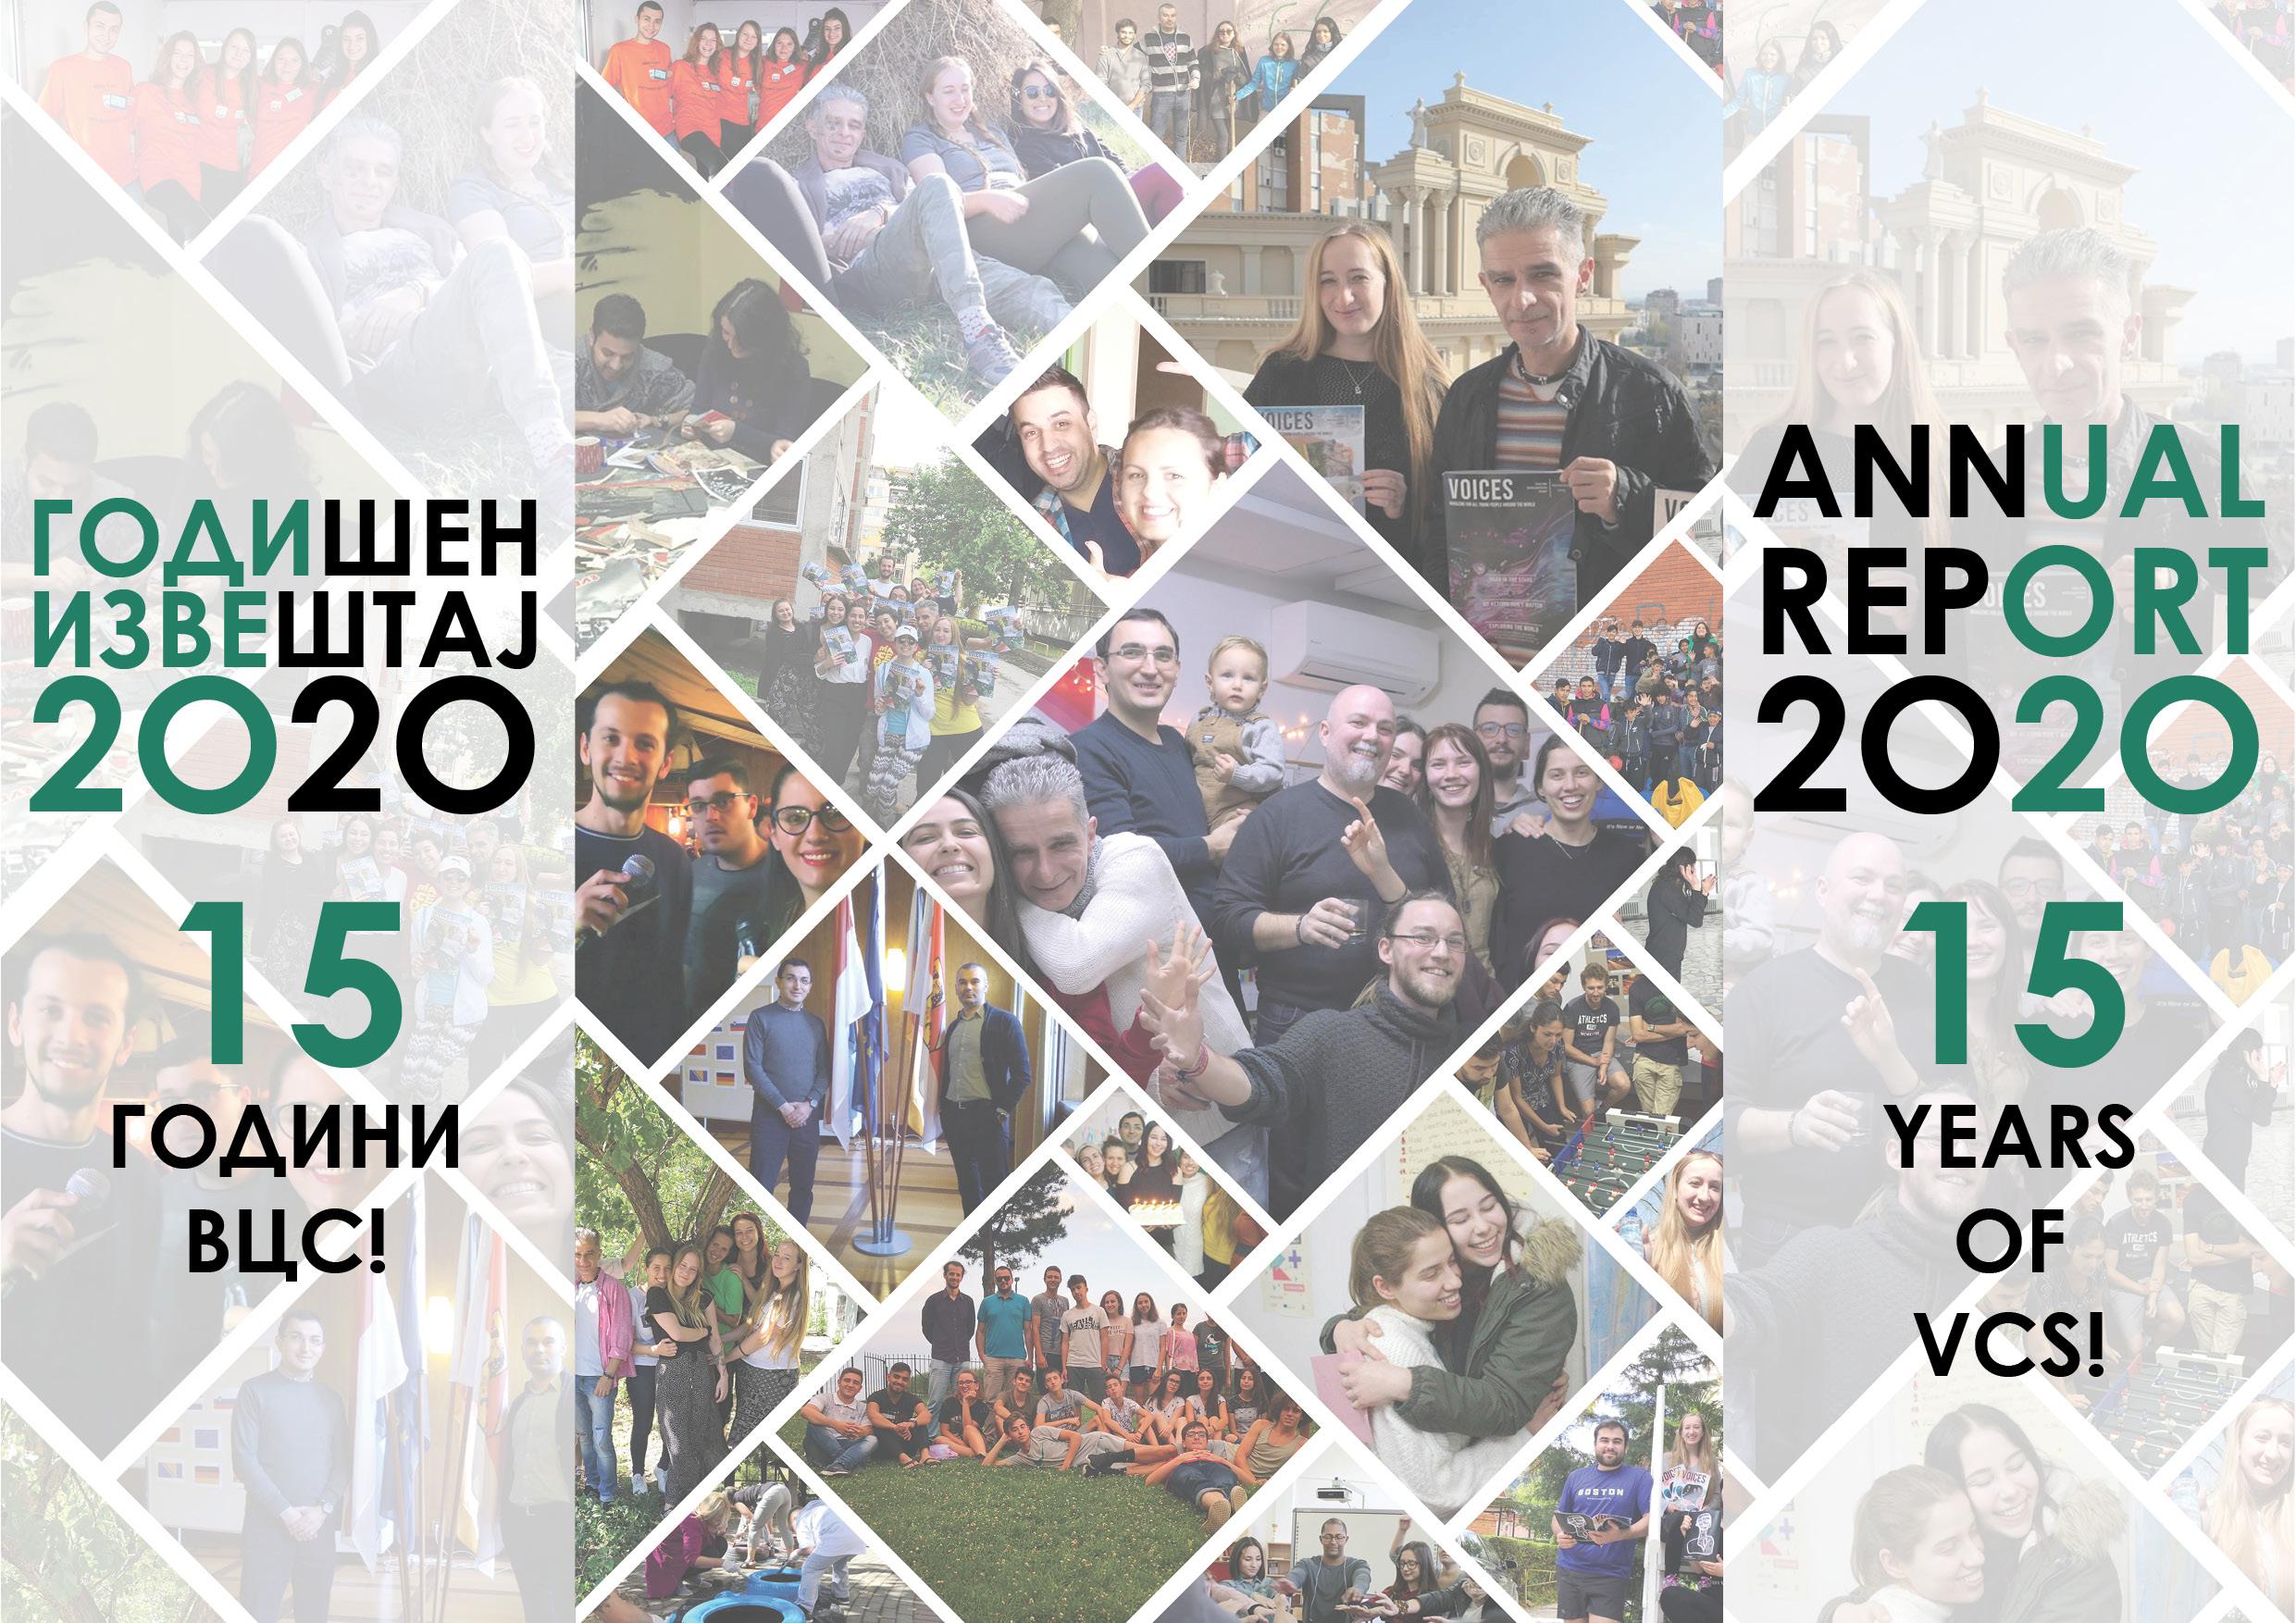 Годишен извештај 2020